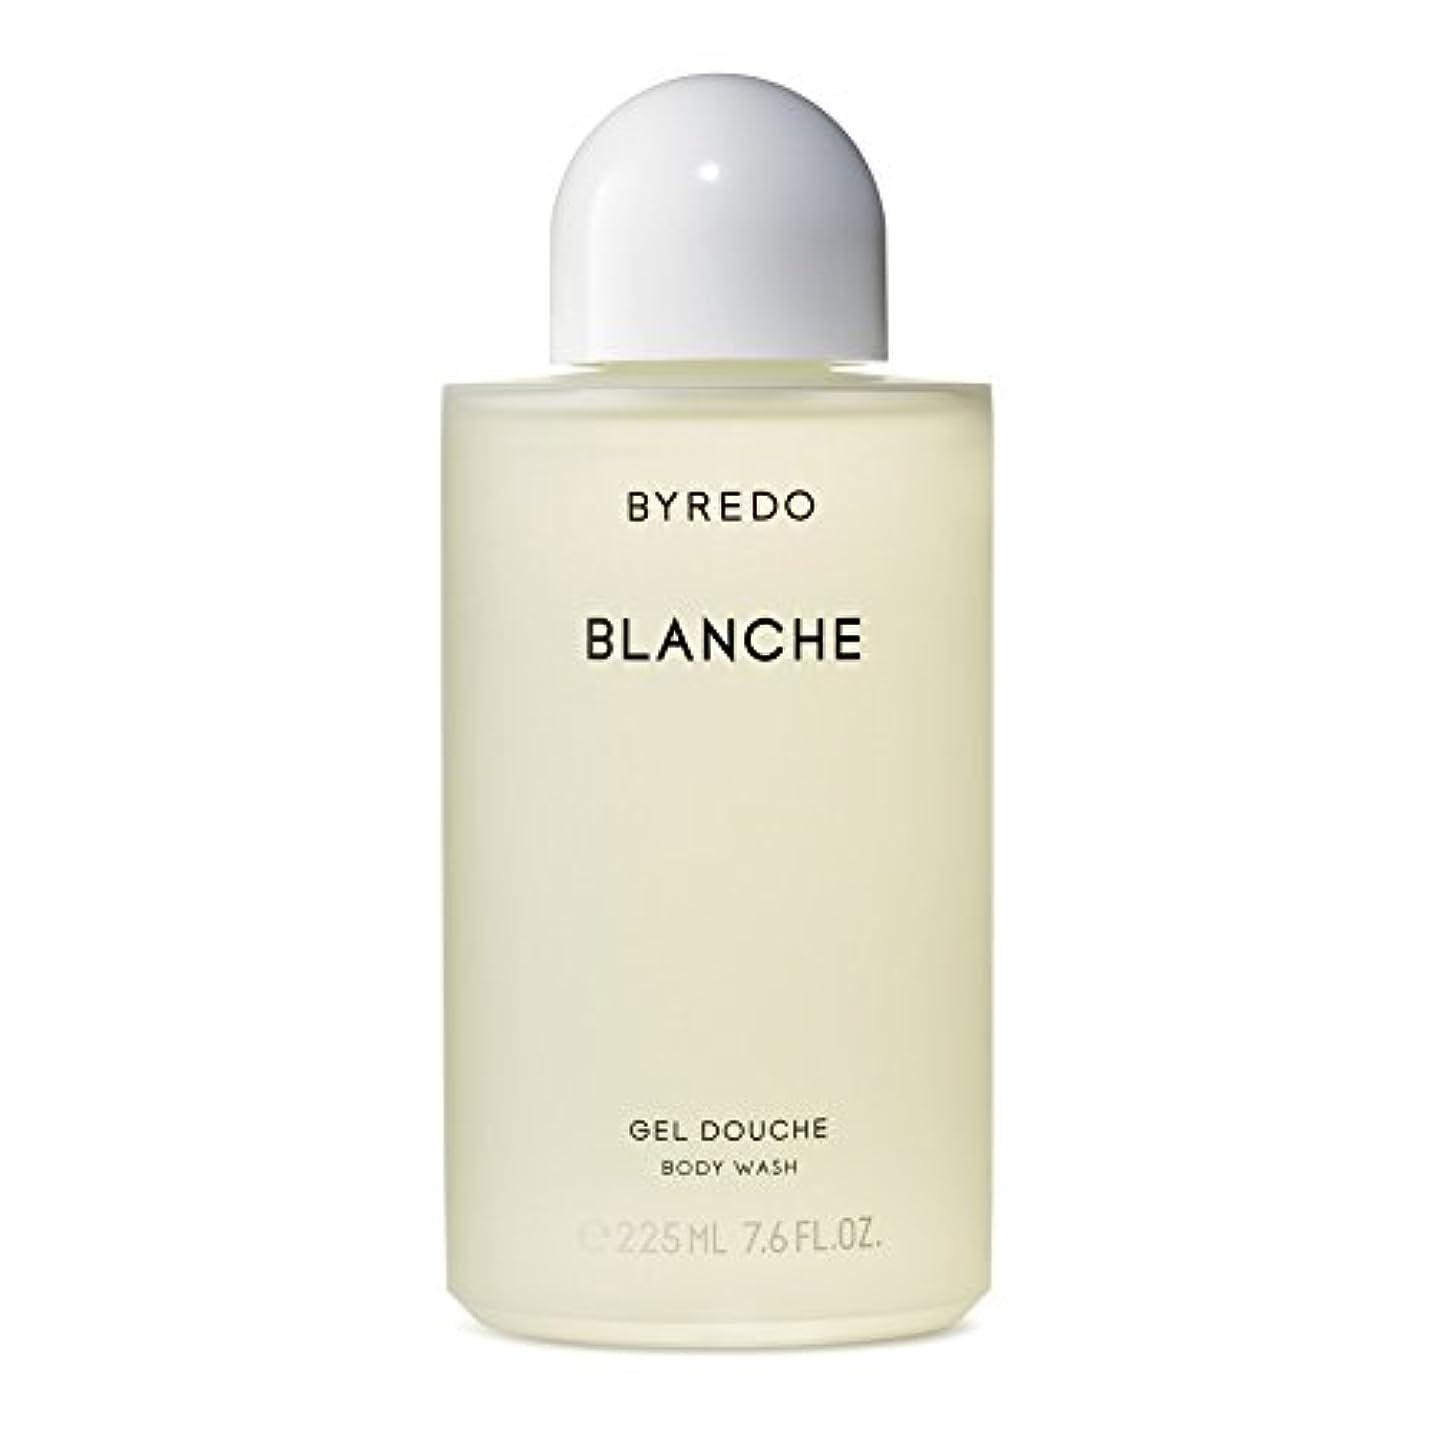 杭聖書みぞれByredo Blanche Body Wash 225ml - ブランシュボディウォッシュ225ミリリットル [並行輸入品]